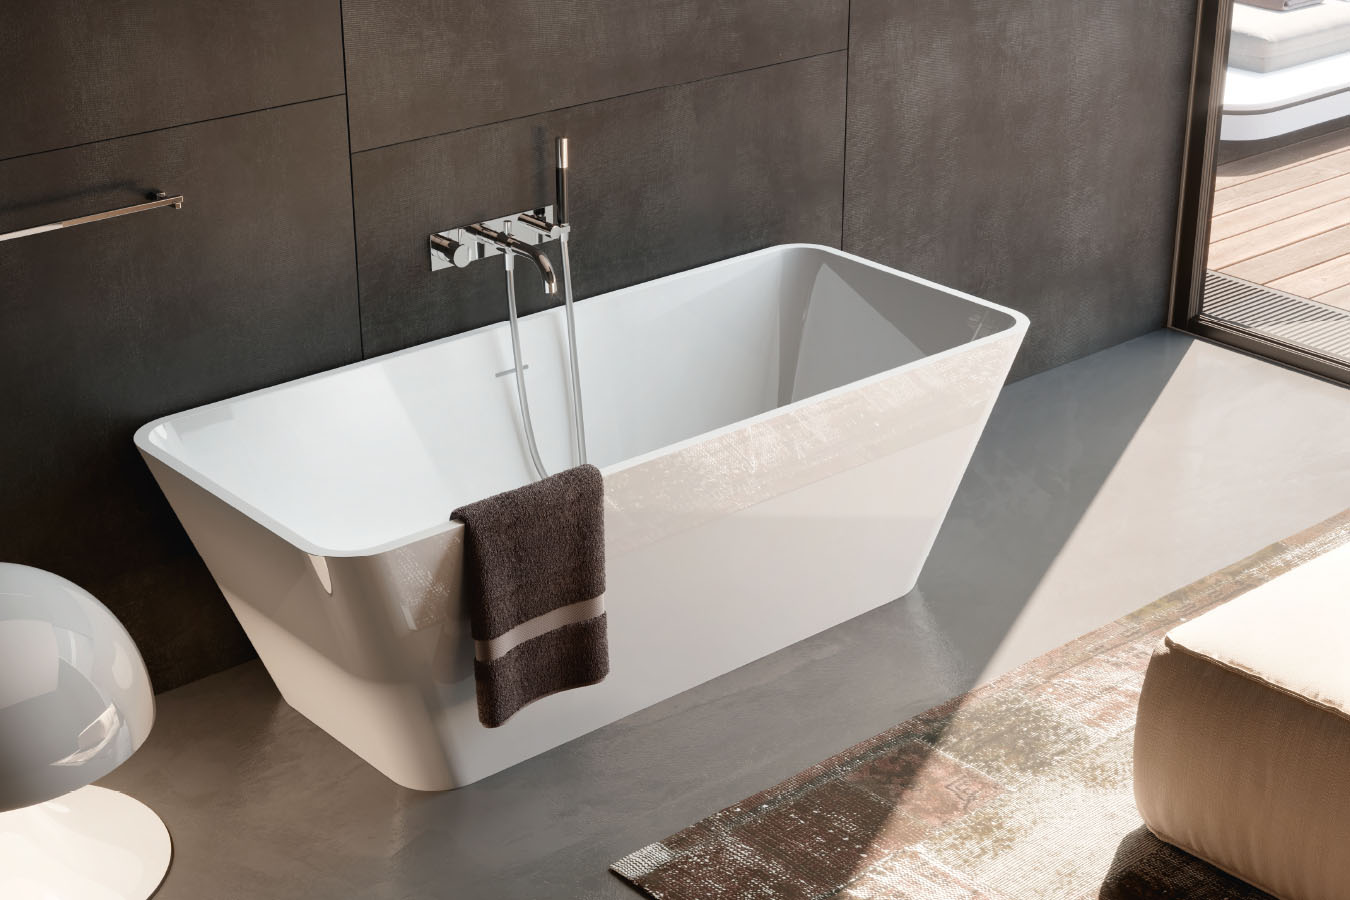 Vasca Da Bagno Incasso Ceramica : Viva vasca da bagno centro stanza cm.165x70 treesse edilceramiche